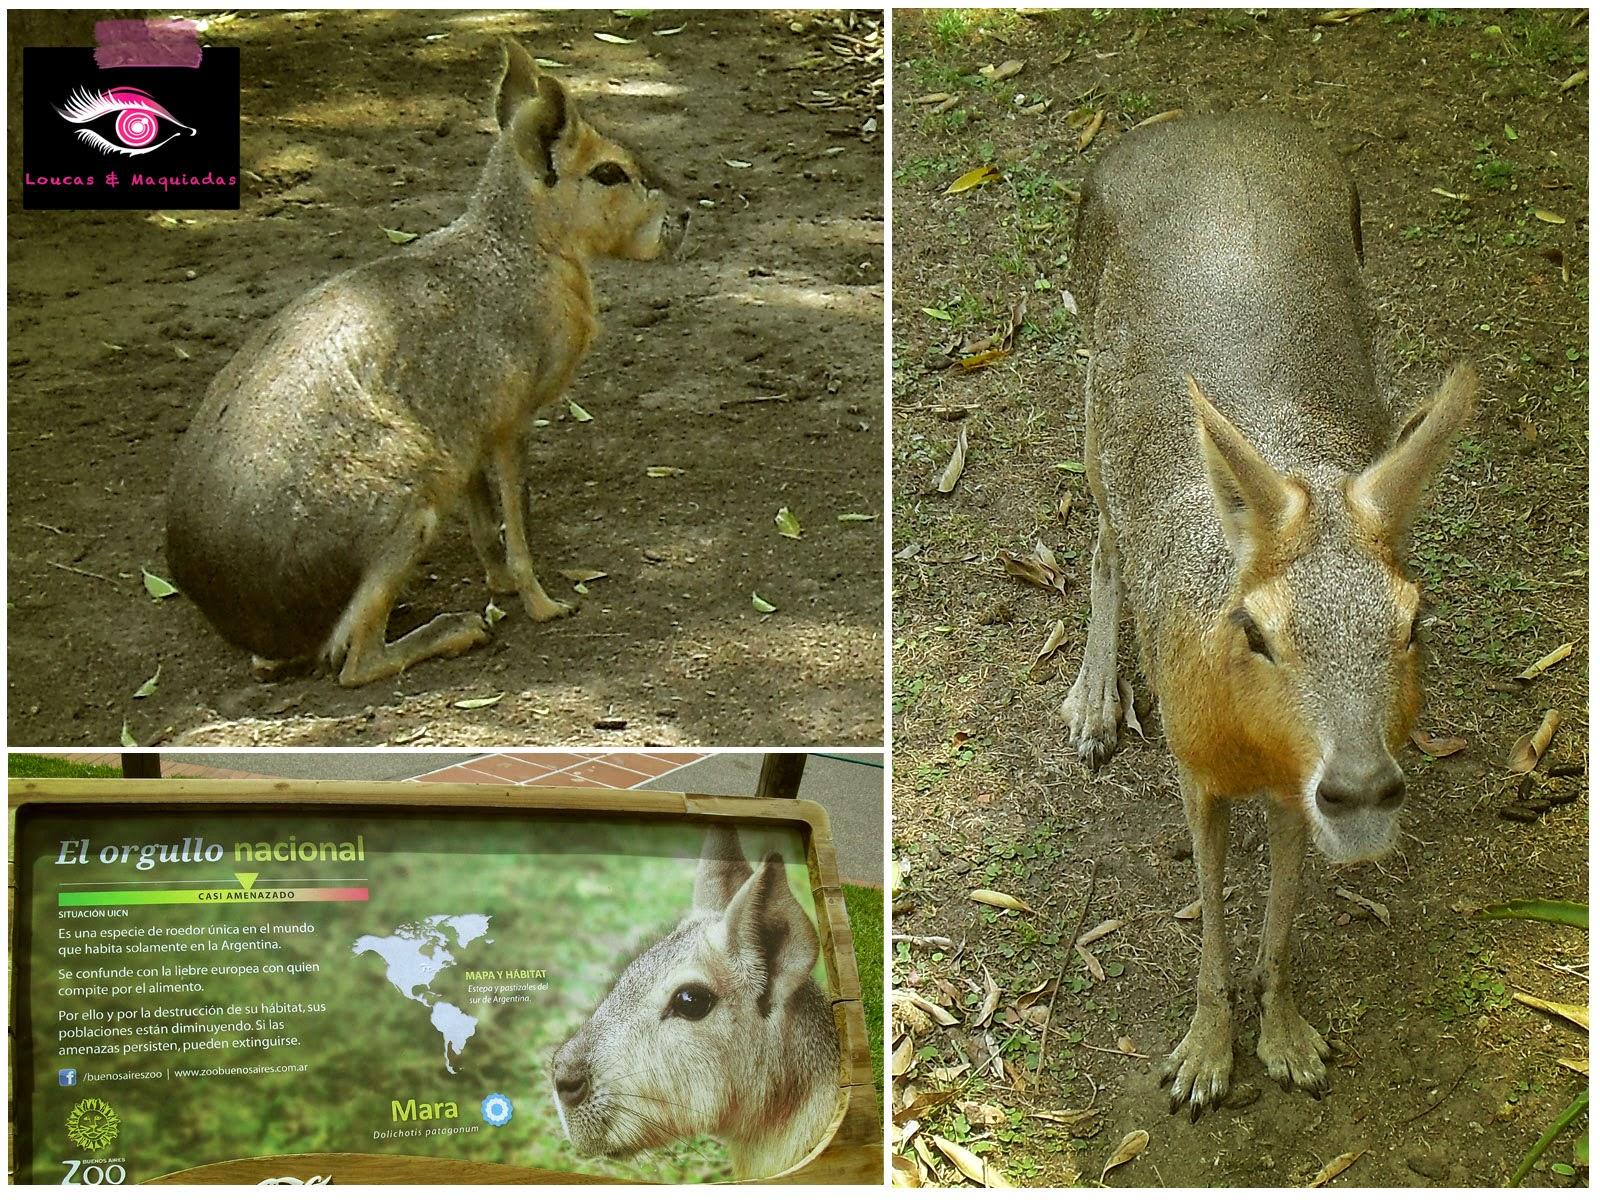 ... corre risco de extinção. Nós achamos esse bichinho tão engraçadinho...  Parece um coelho, ao mesmo tempo que se posiciona como um canguru, ... fbf67e6628